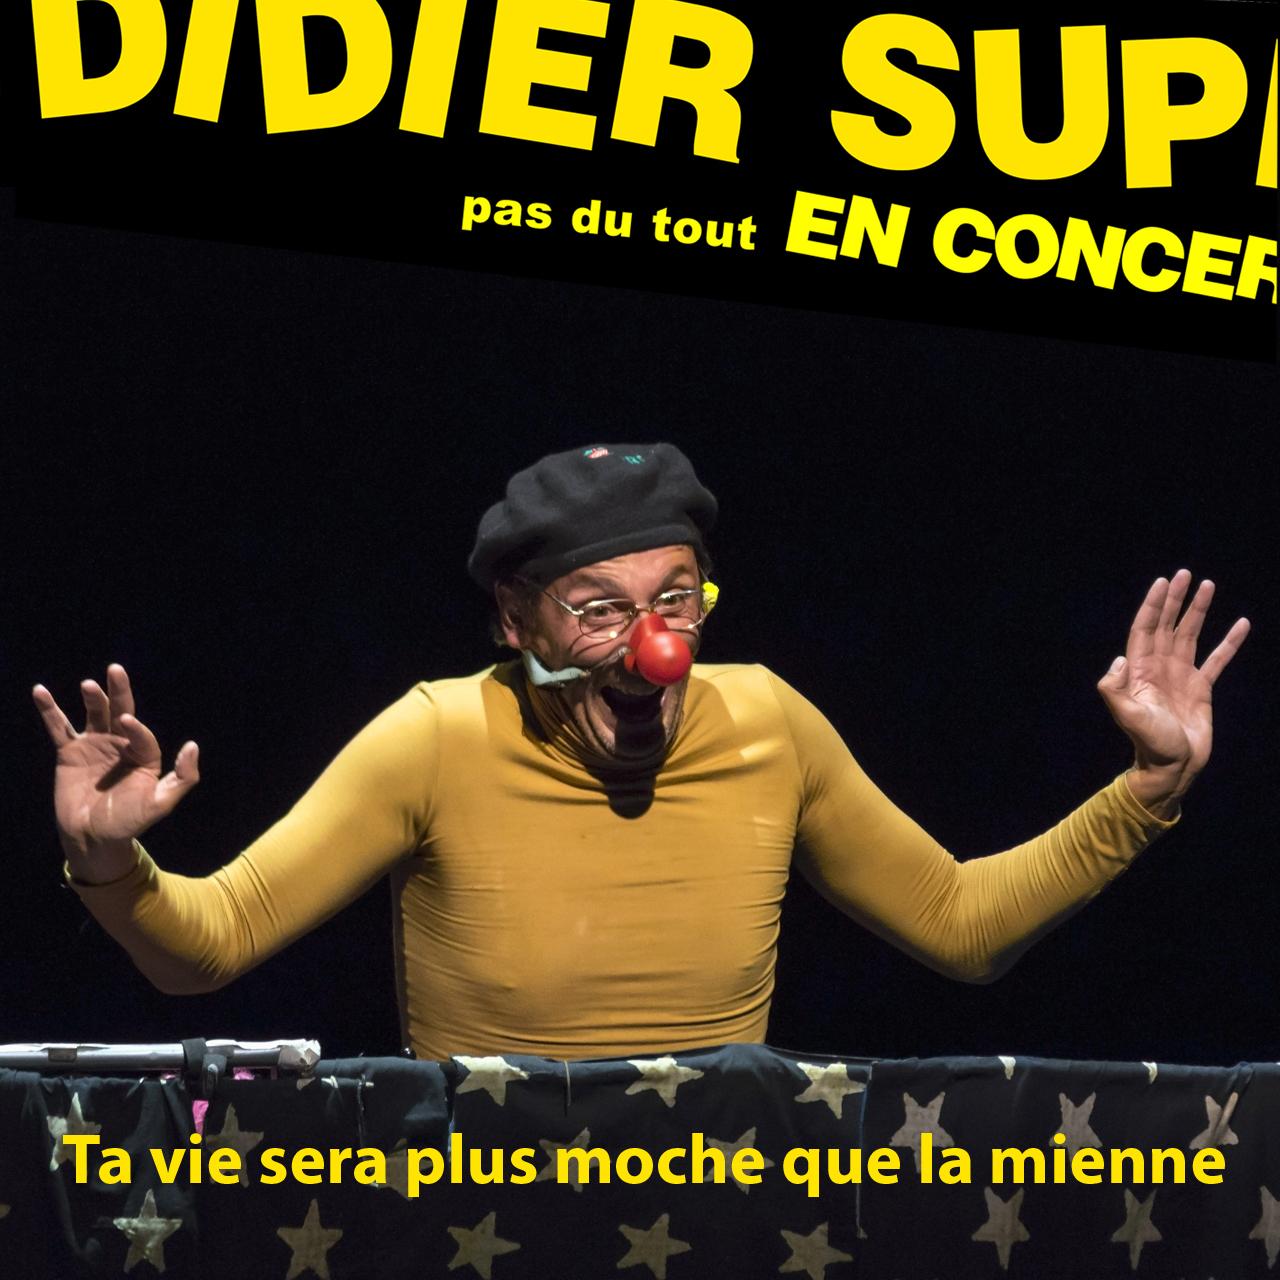 Didier Super le 25 avril à Thélème